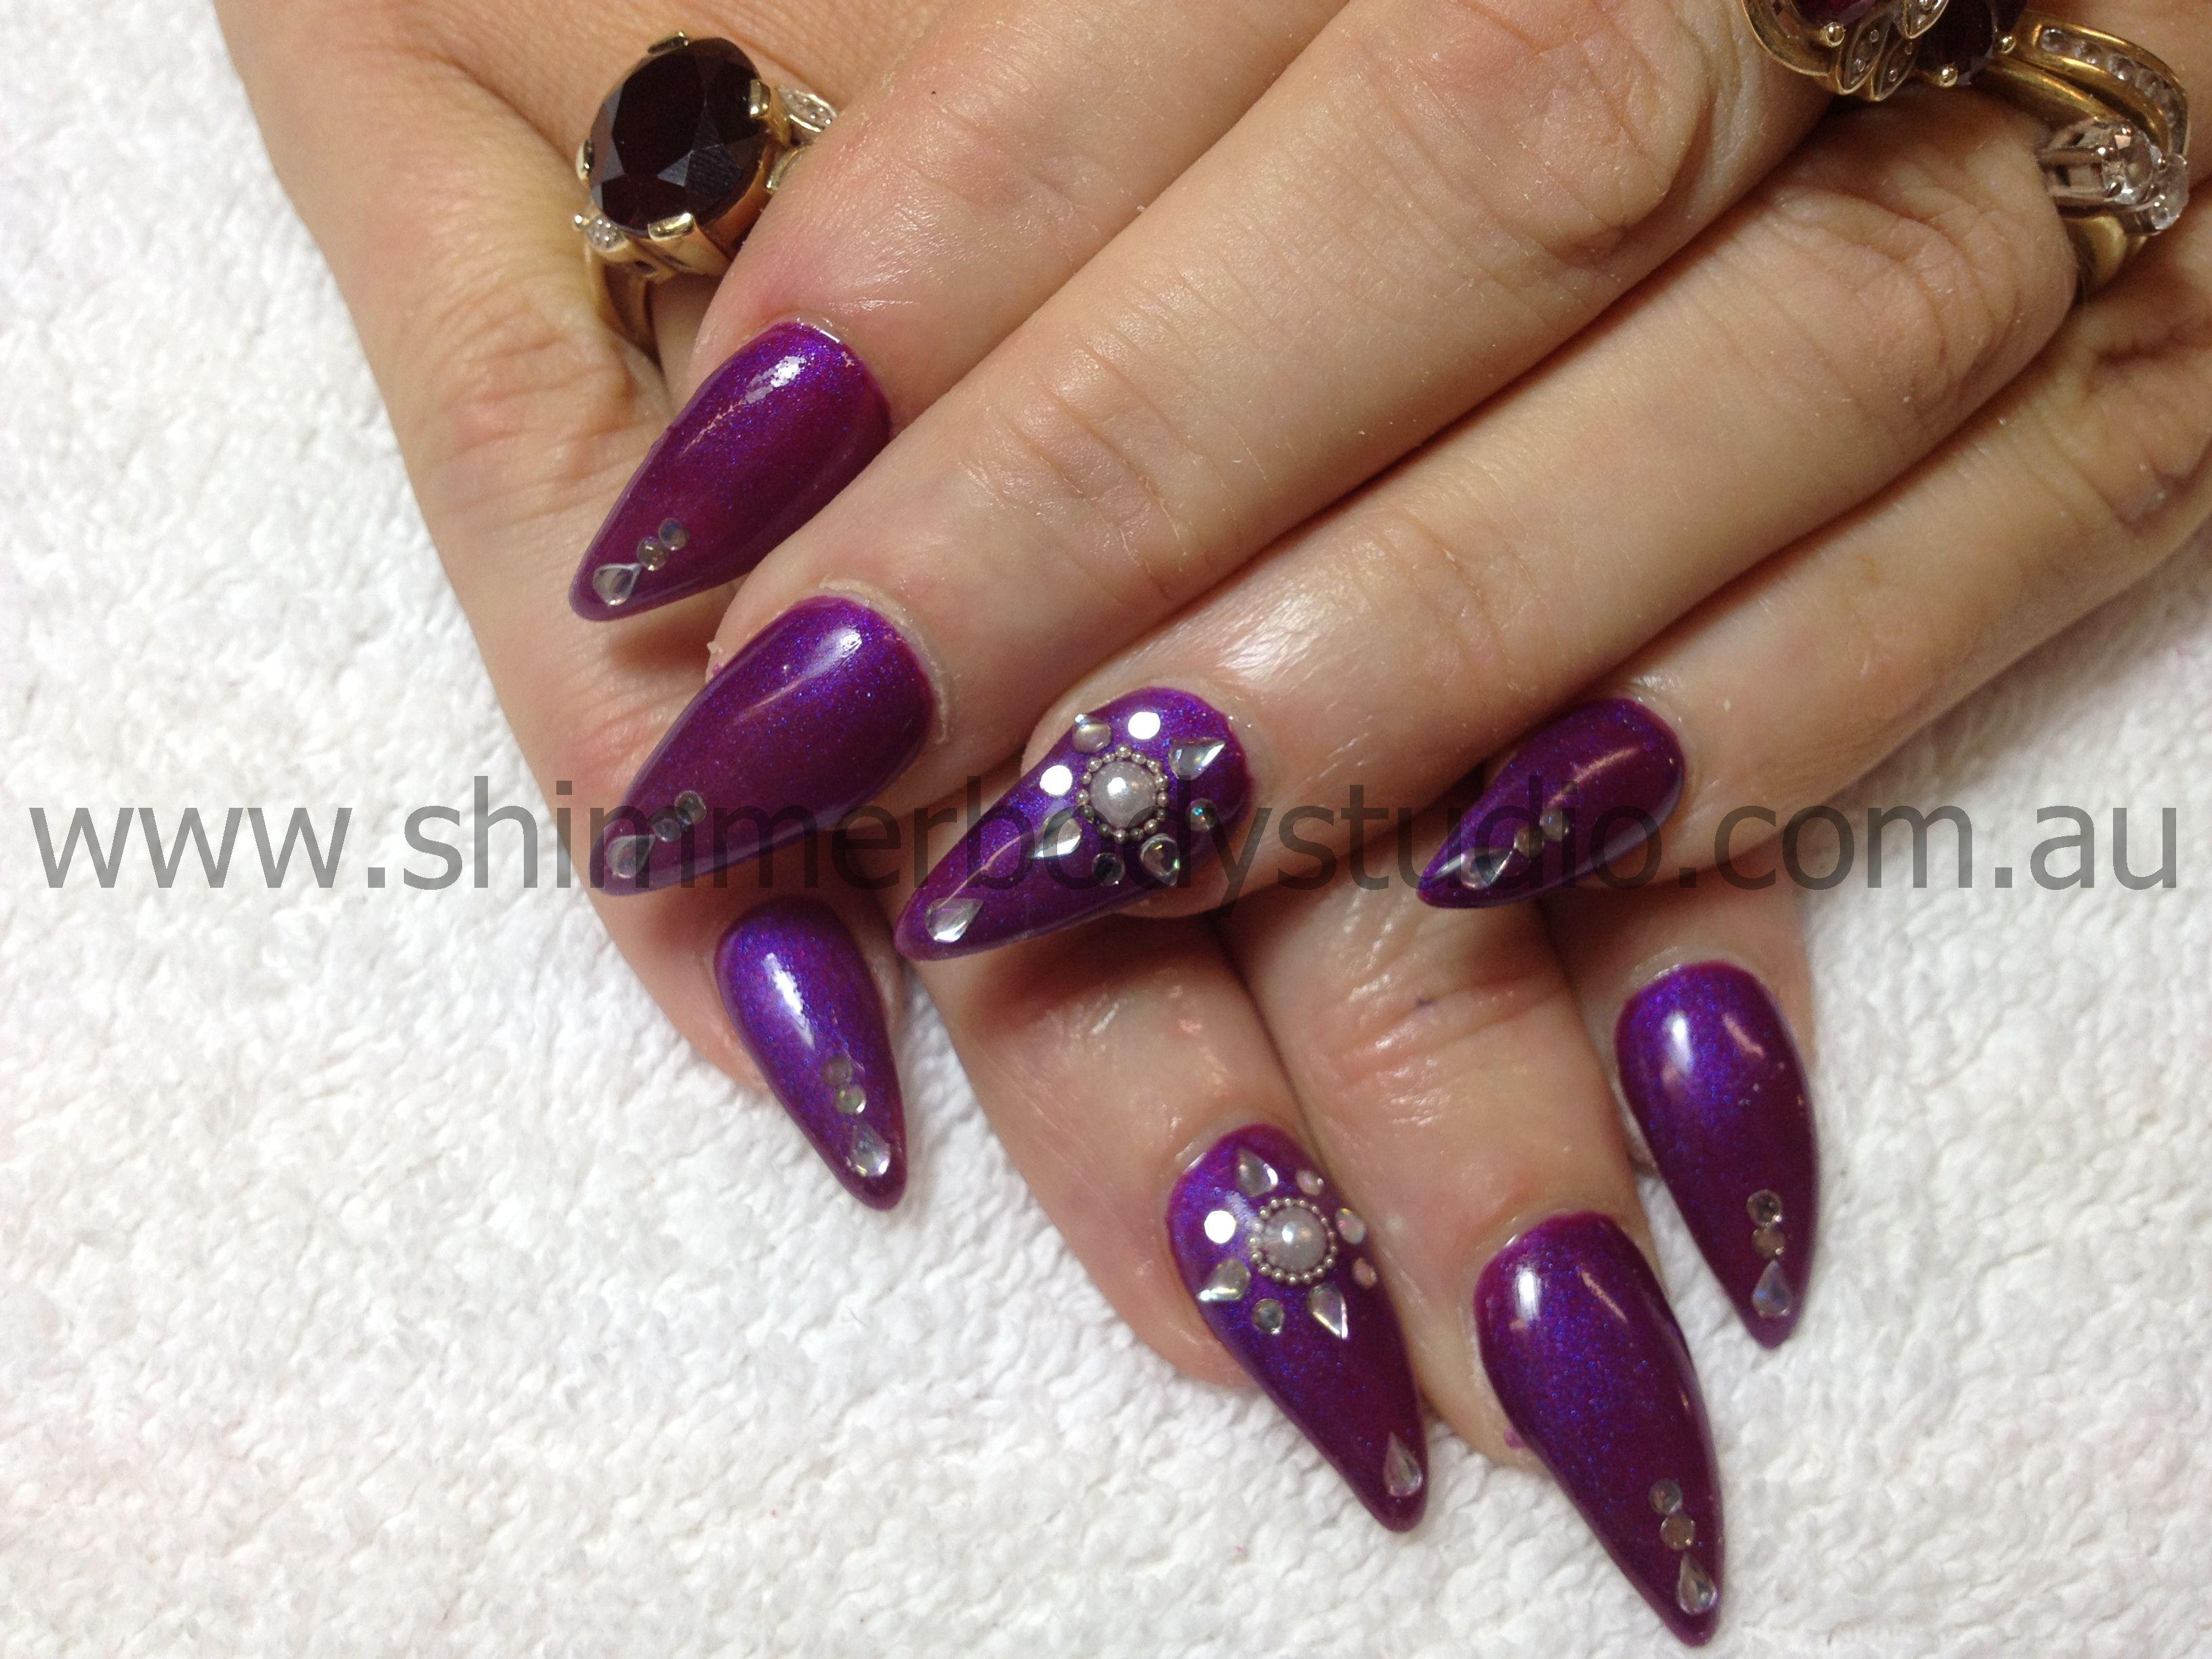 Gel Nails, Gel Polish, Purple Nails, Nail Art, Crystals, Diamante ...